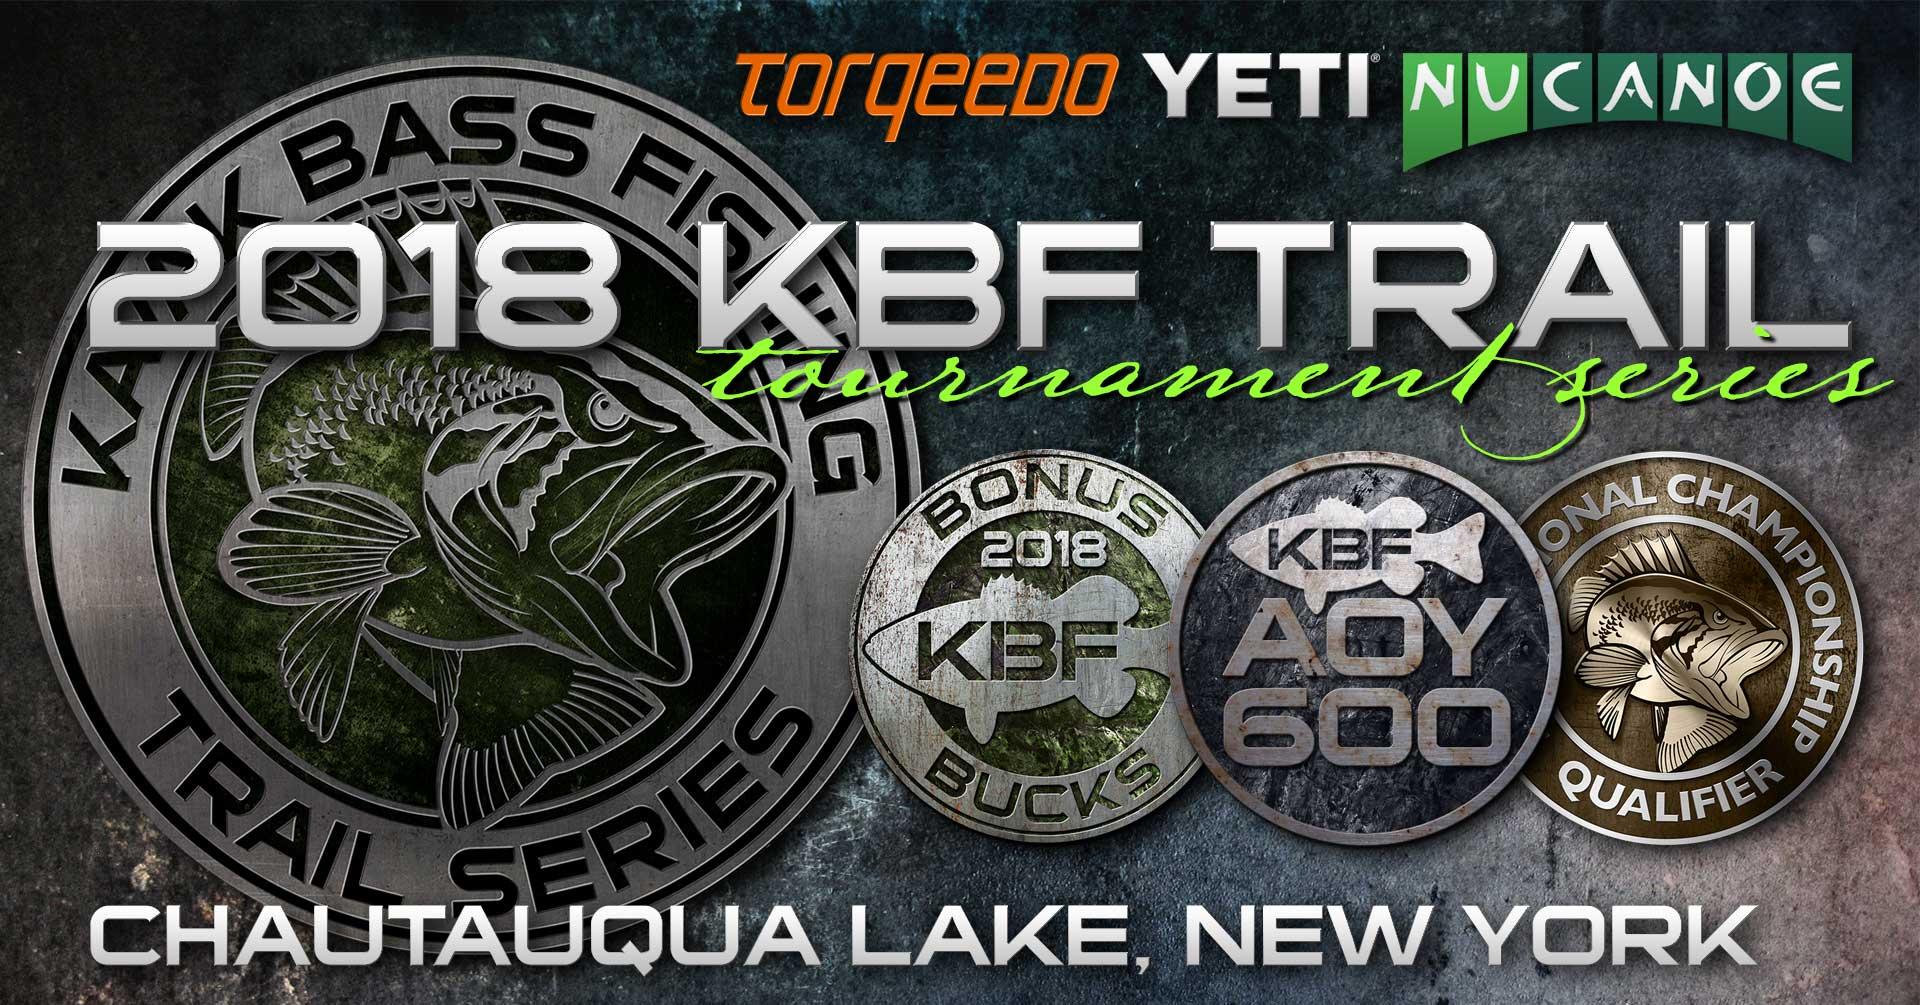 Cautauqua Lake KBF TRAIL Series Tournament